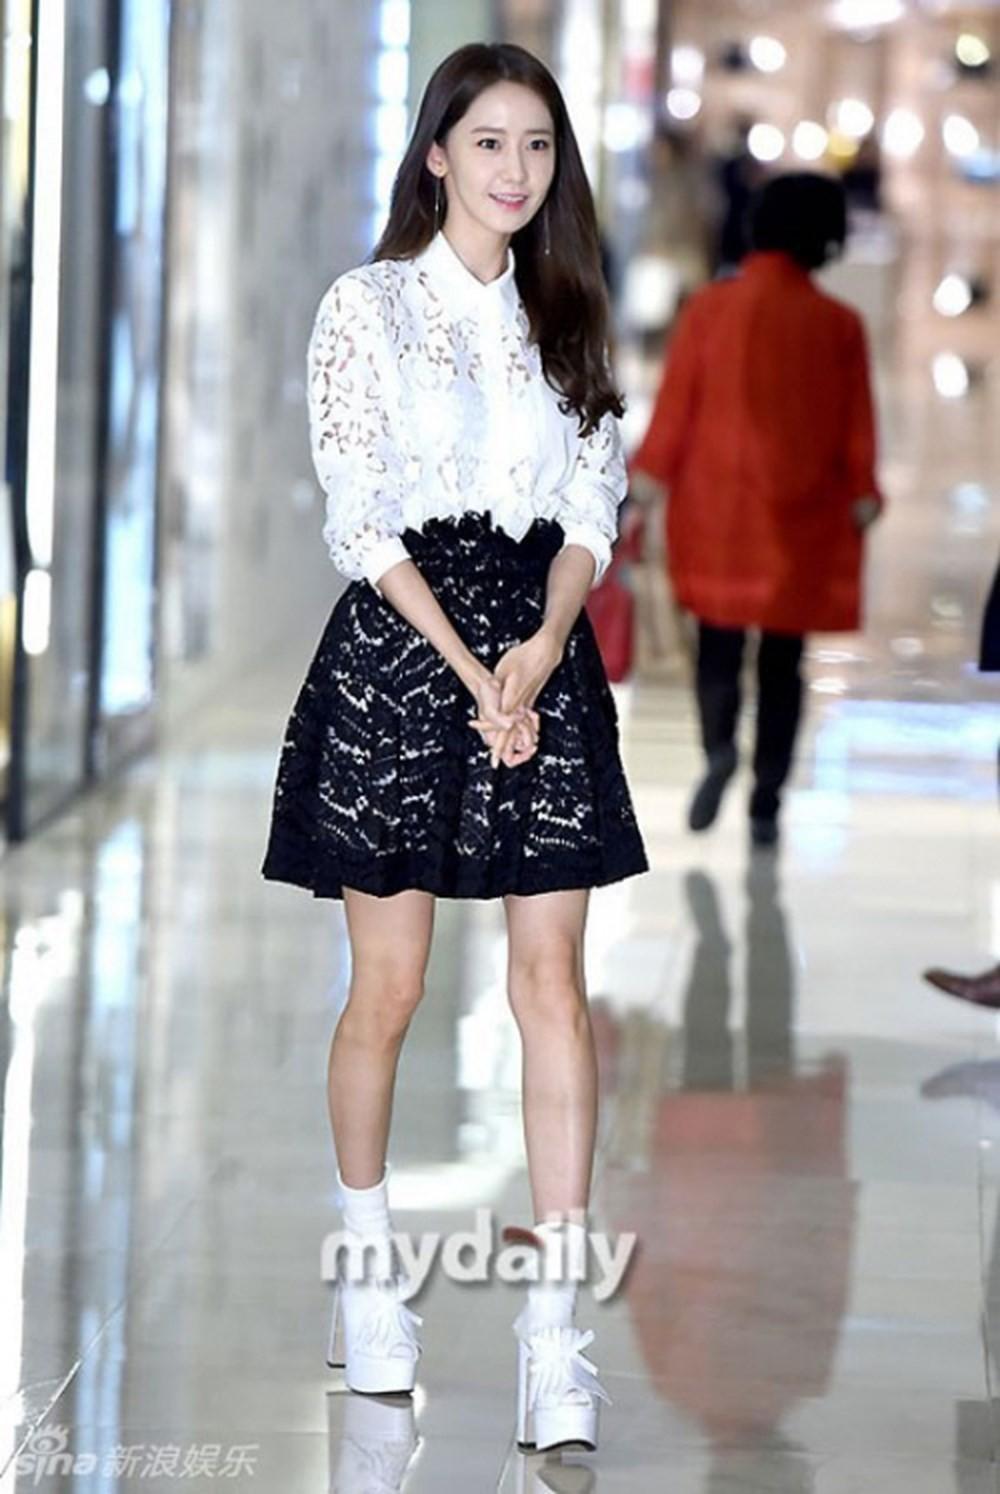 Tréo ngoe như Yoona: Cứ nghĩ càng gầy mặc càng đẹp, riêng nàng này có lên cân thì style mới lên hạng - Ảnh 3.